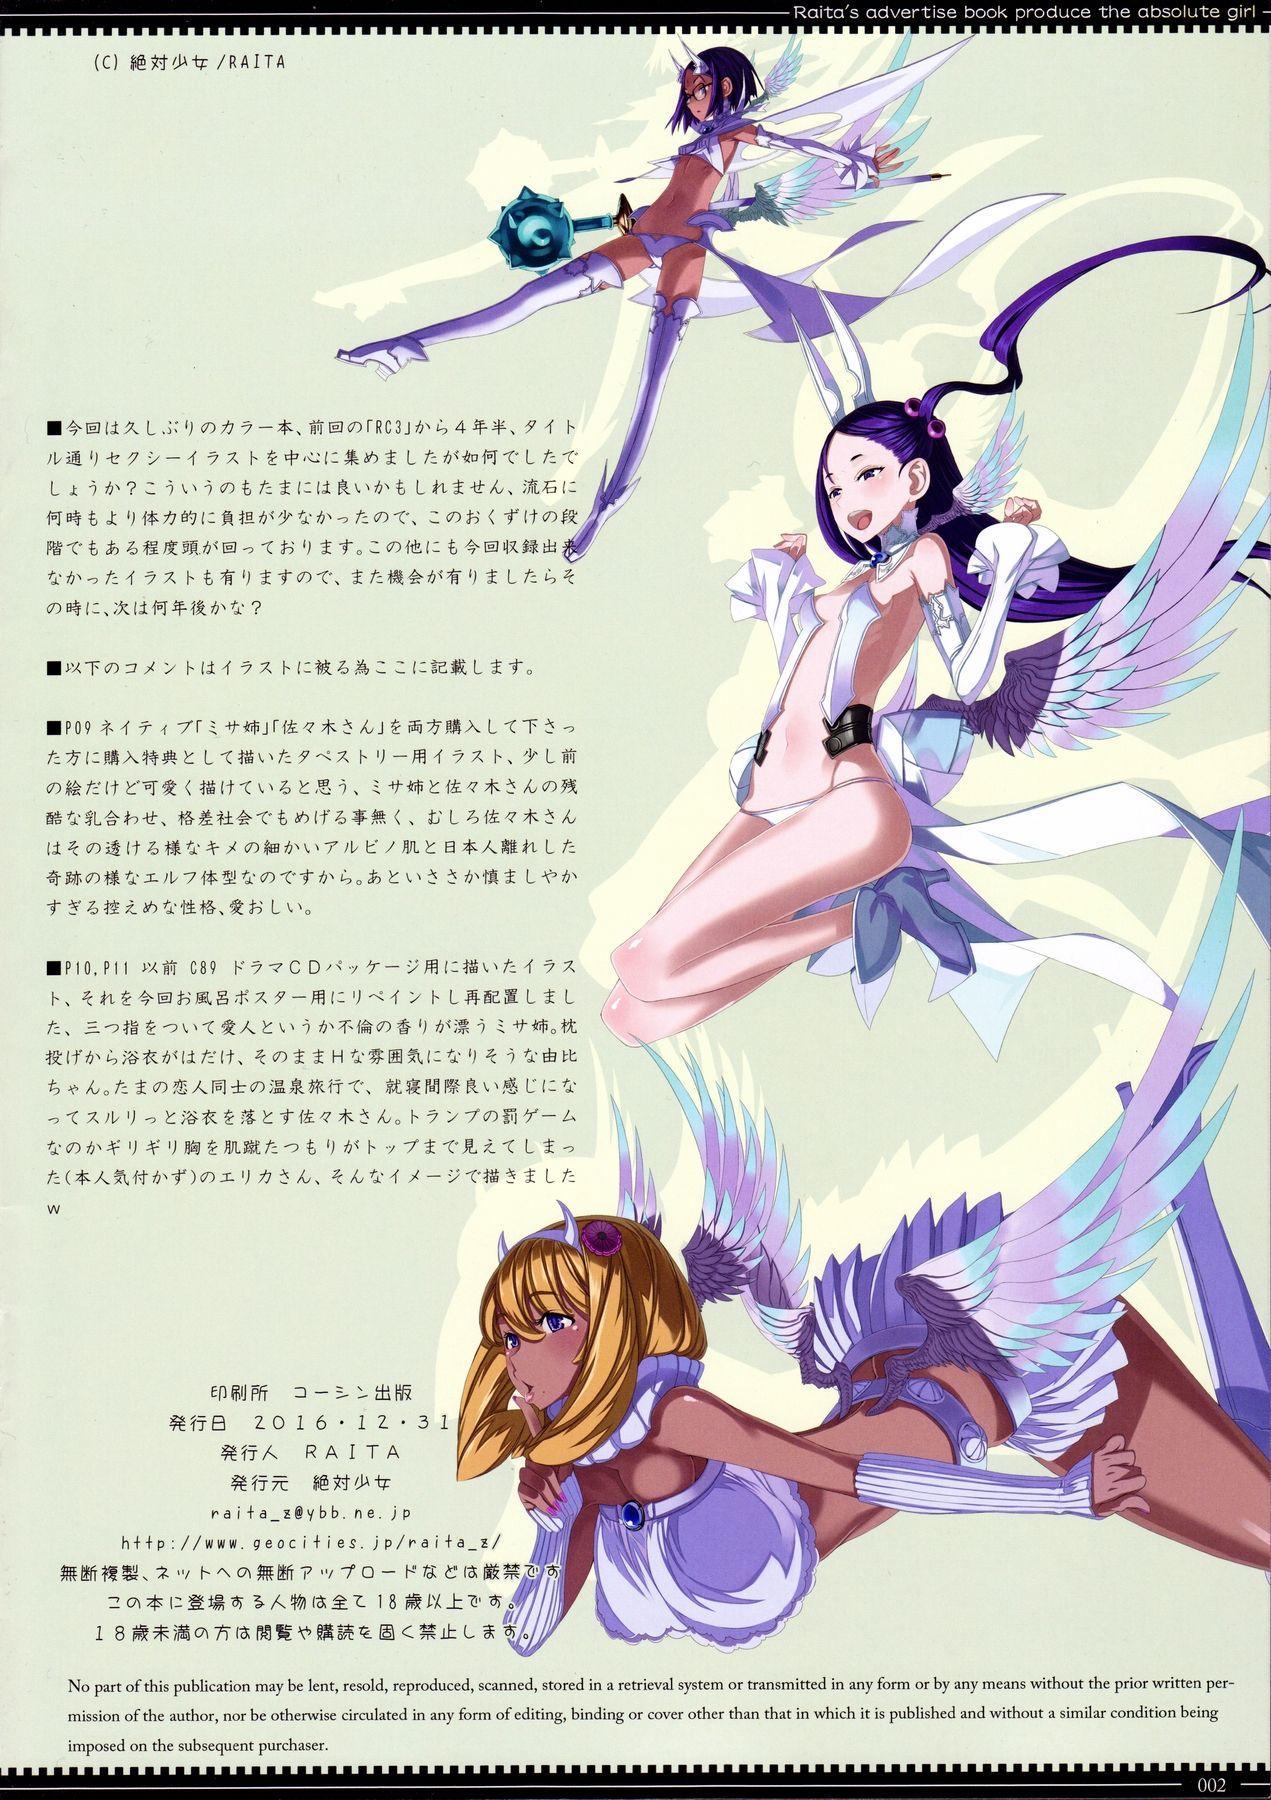 RAITA no Oppai Tsumeawase 1